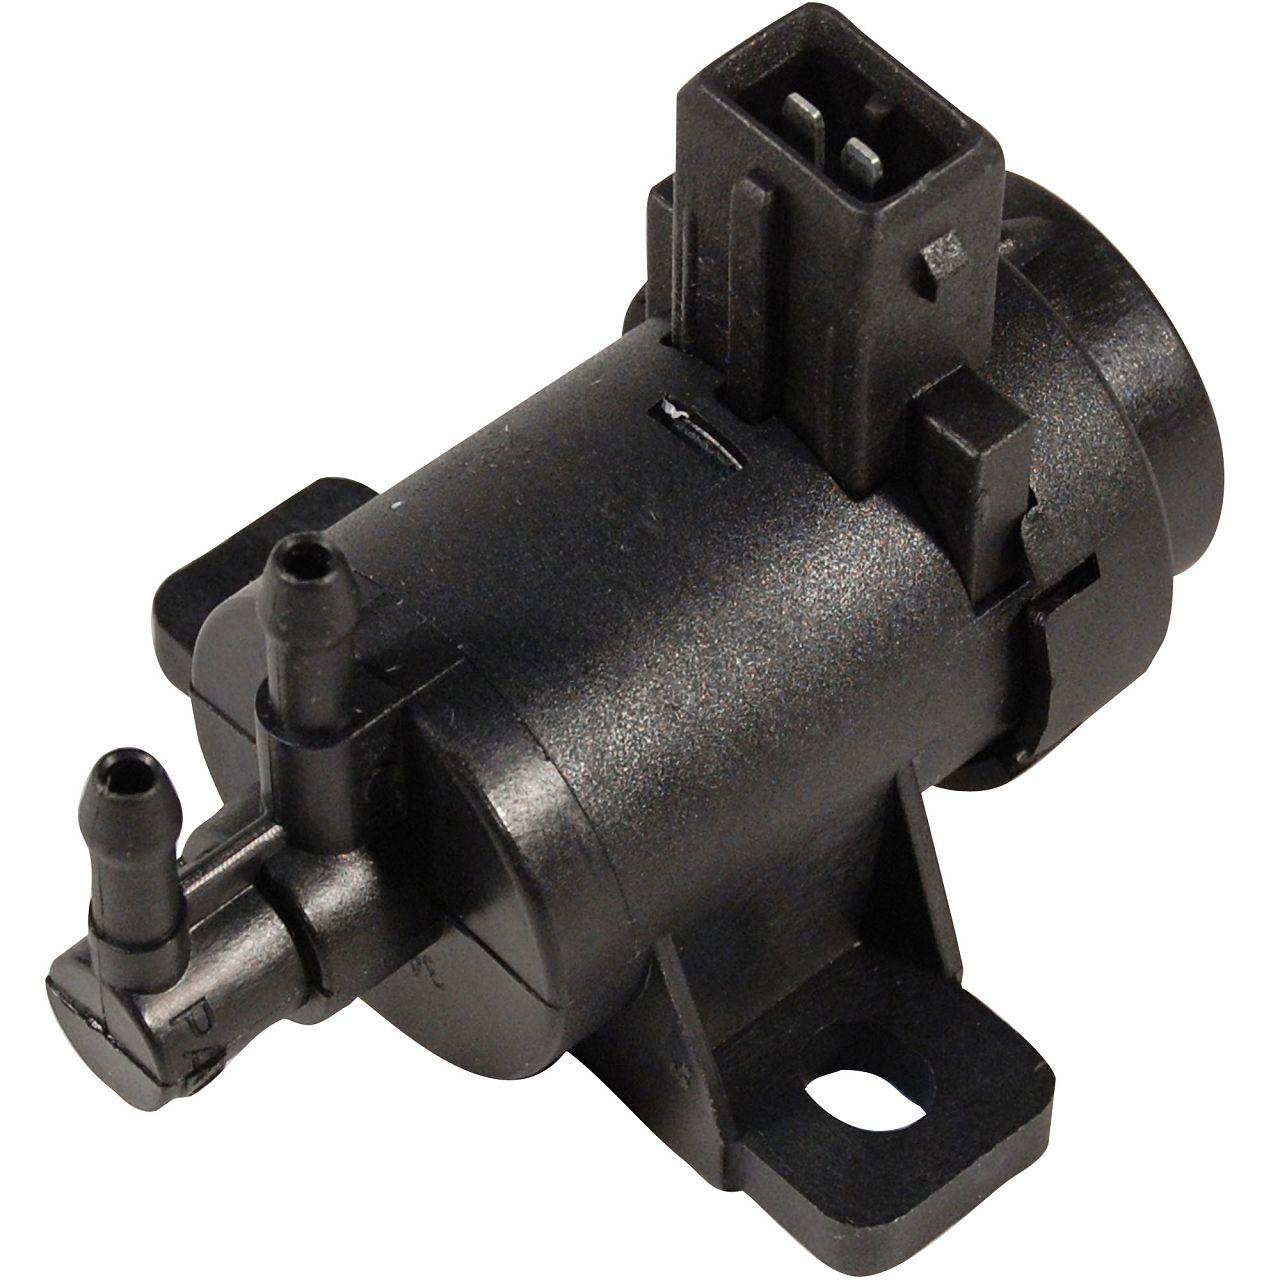 PIERBURG Druckwandler Magnetventil AGR Turbolader für RENAULT 1.9 DTi 80/98 PS